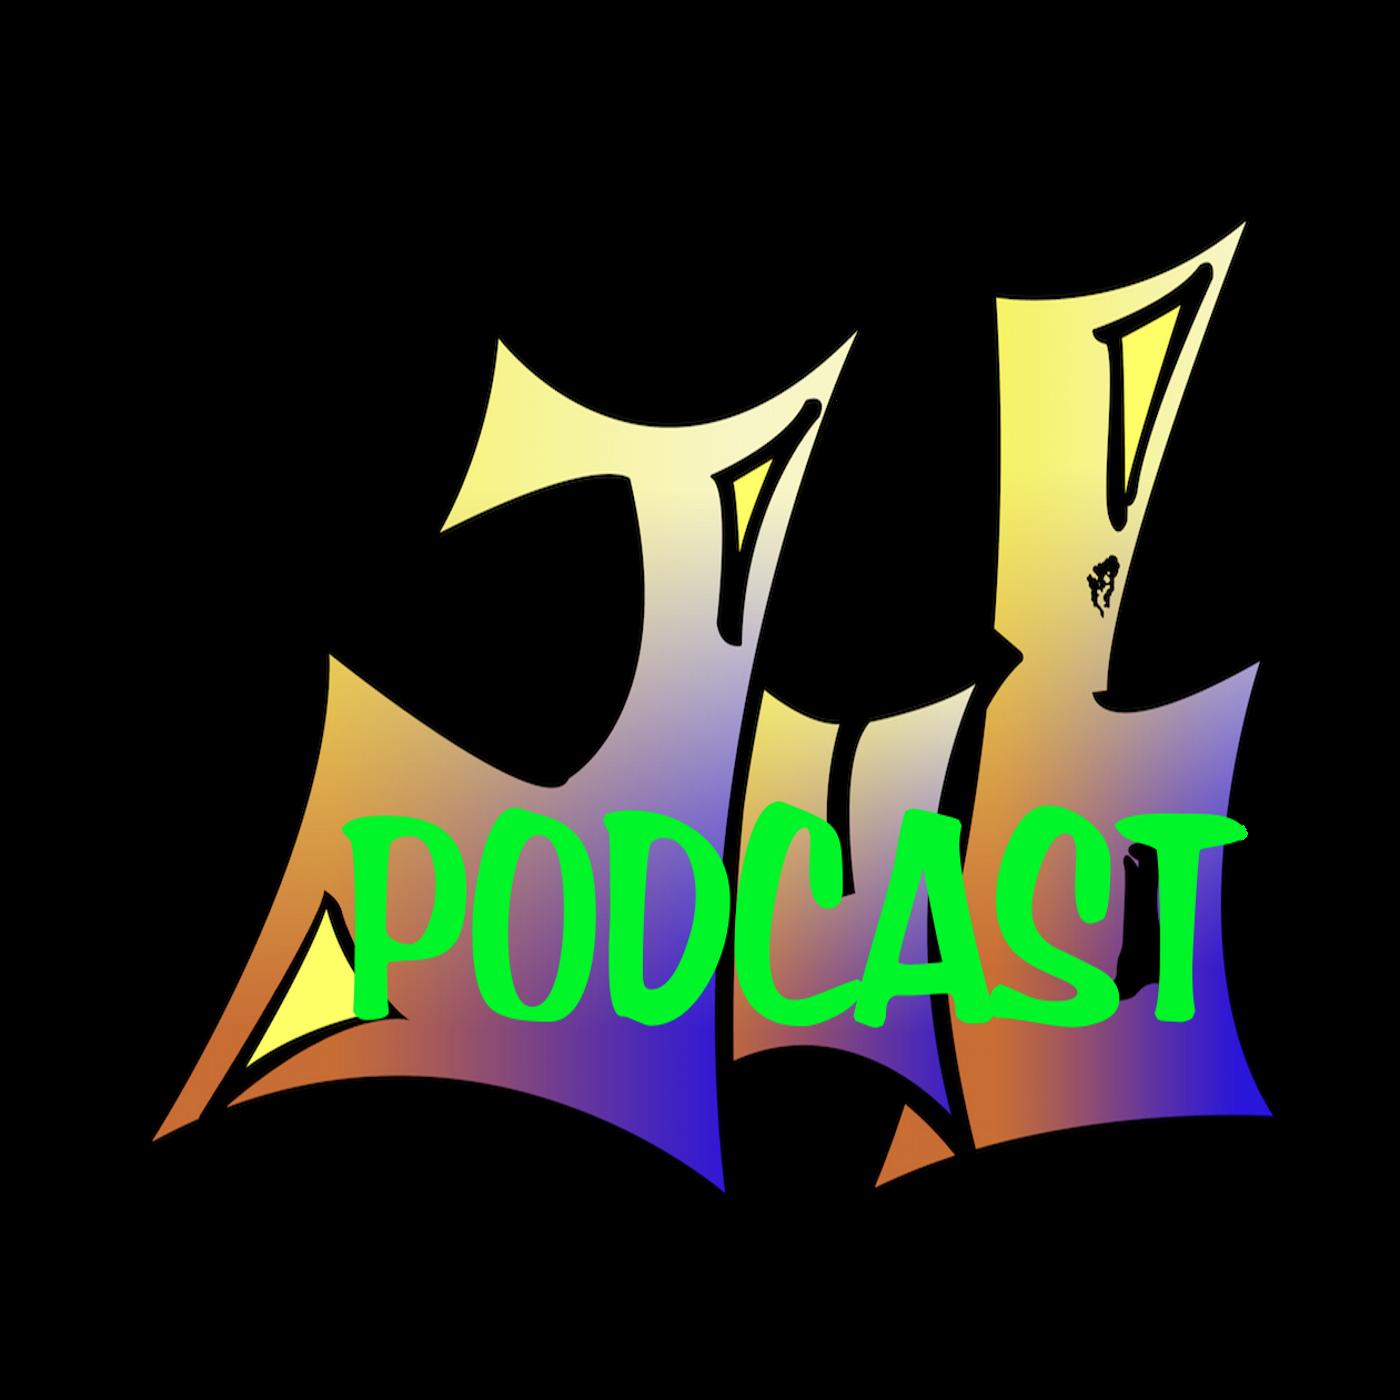 Jub Cast – Folge 2